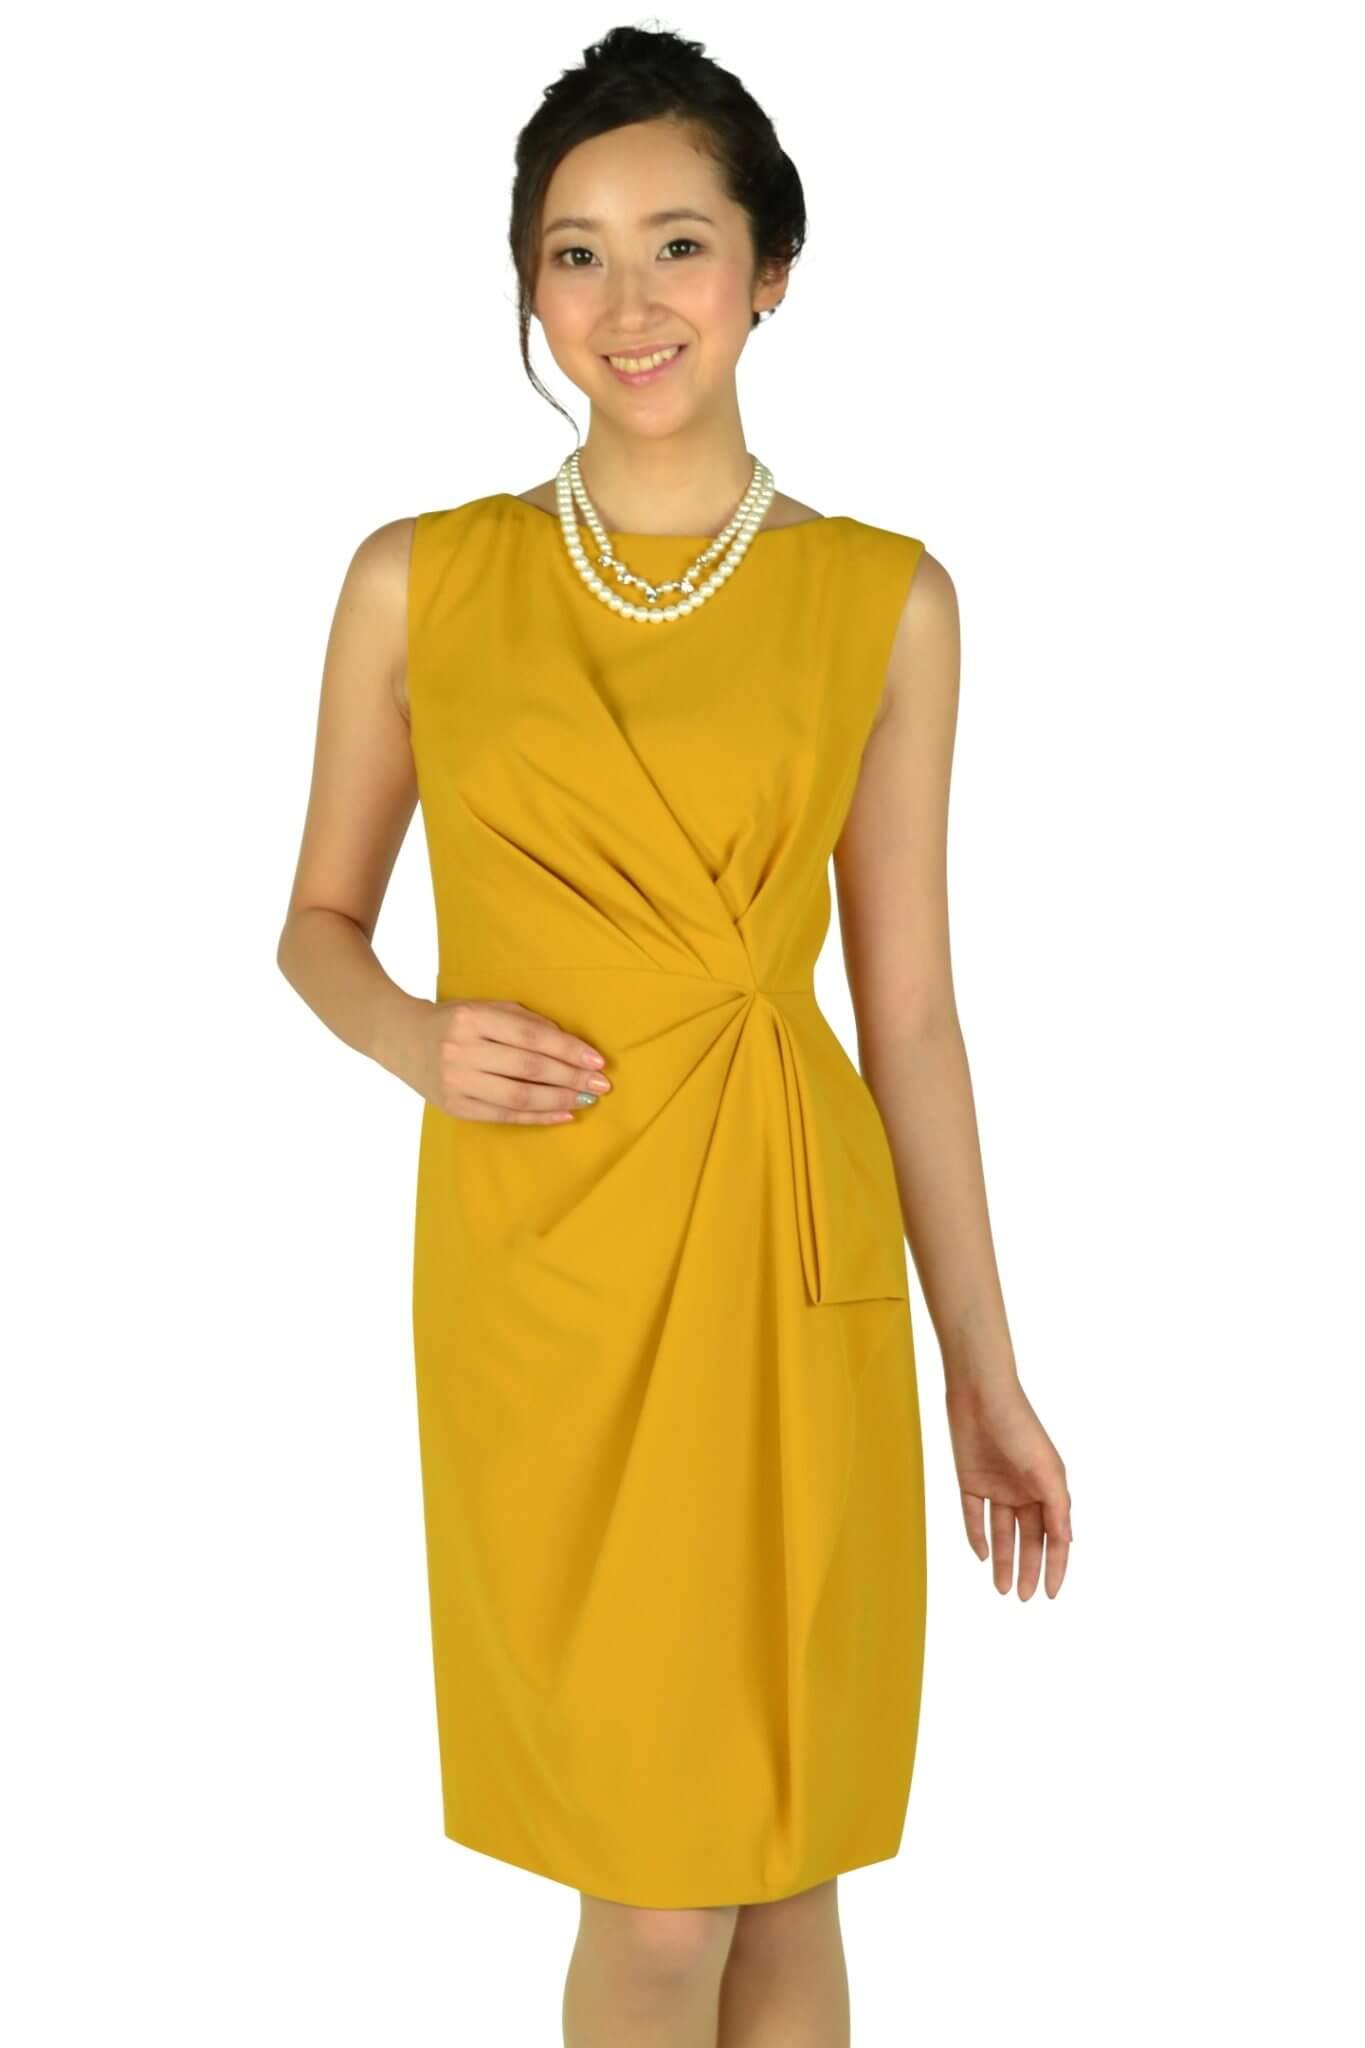 グレースコンチネンタル(GRACE CONTINENTAL) 大人タックマスタードドレス